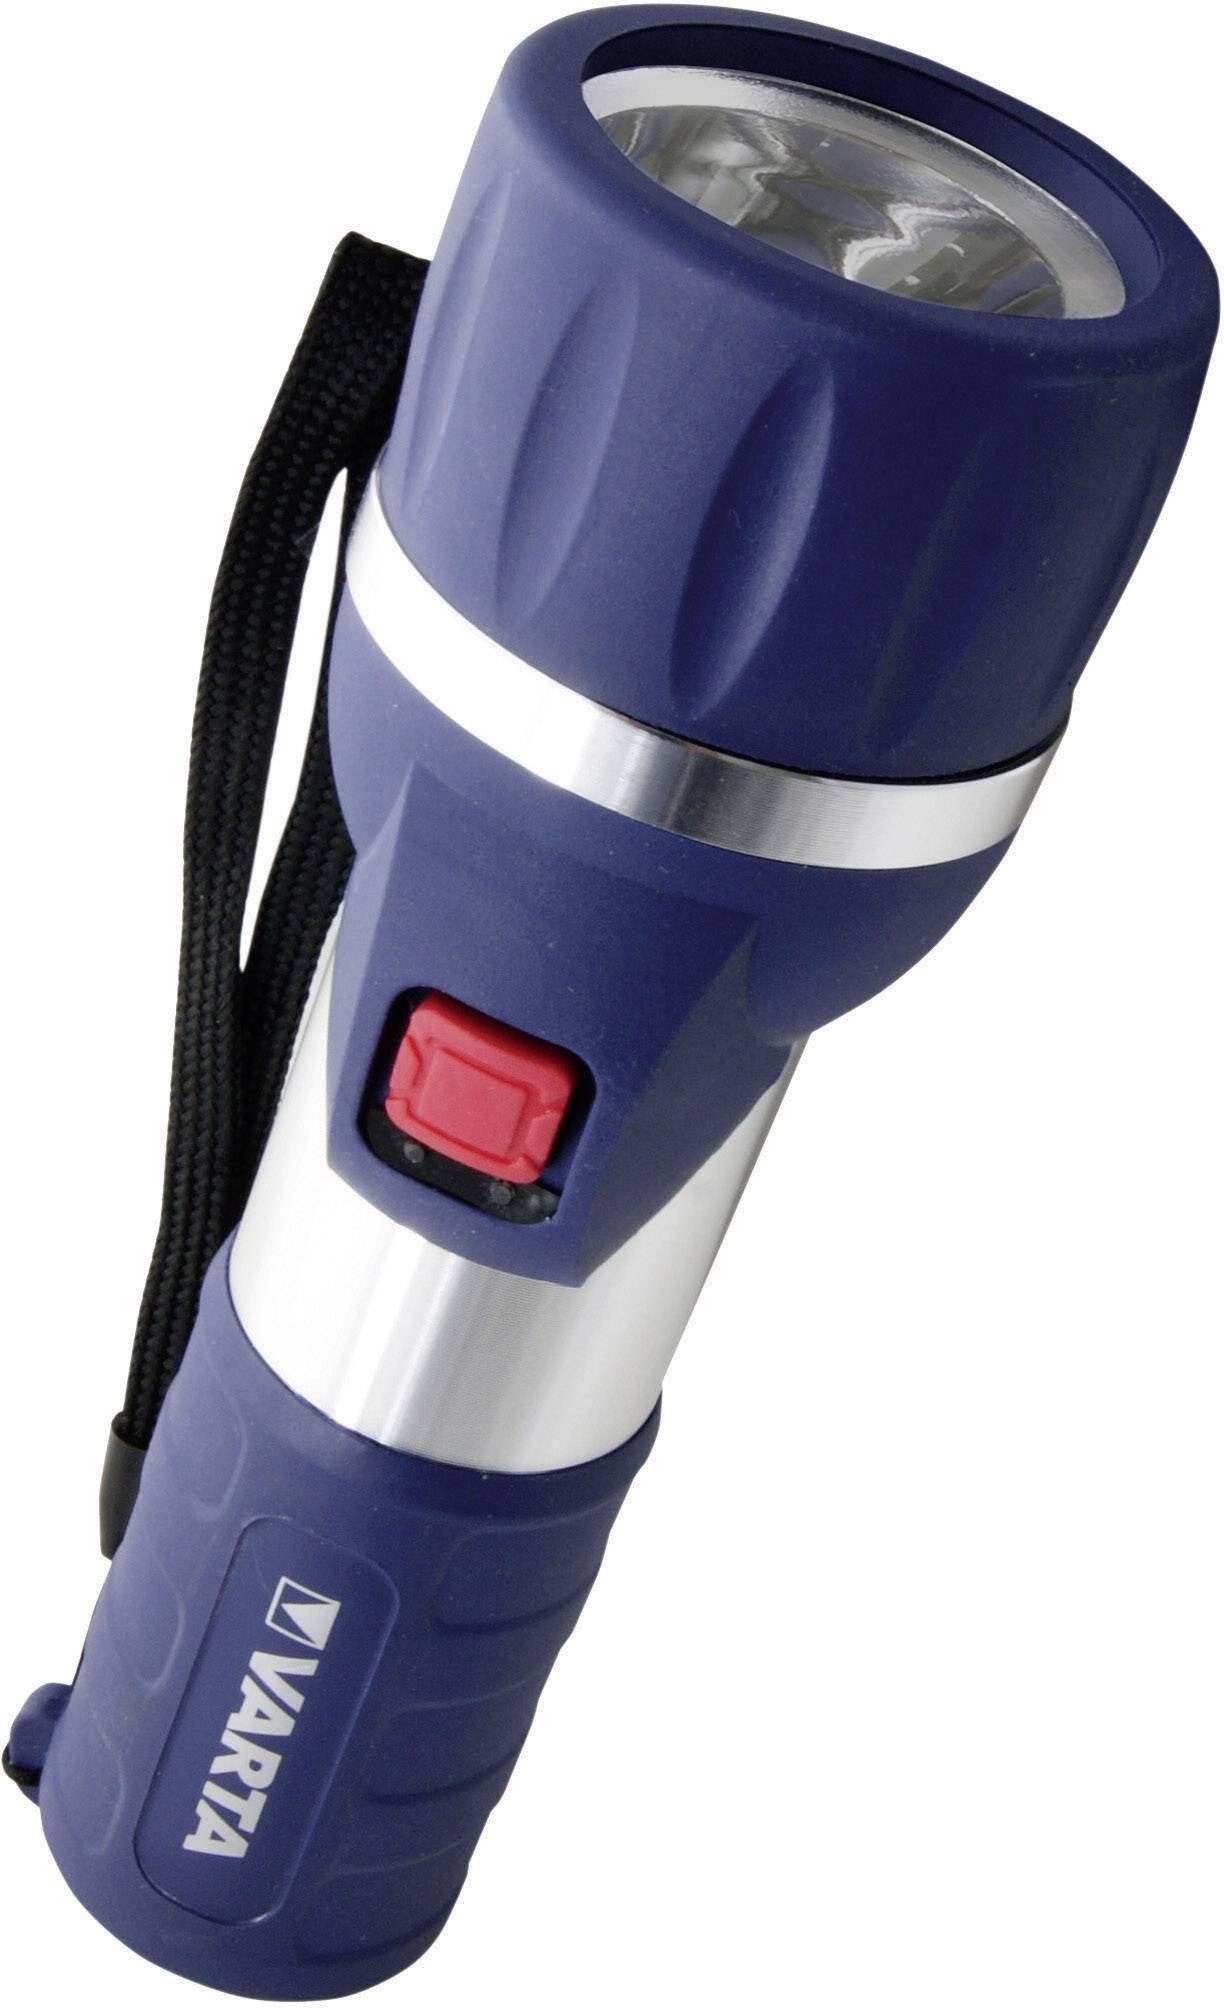 LED vreckové svietidlo (baterka) Varta Day Light 2 D 17626101421, 198 g, na batérie, modrá, strieborná